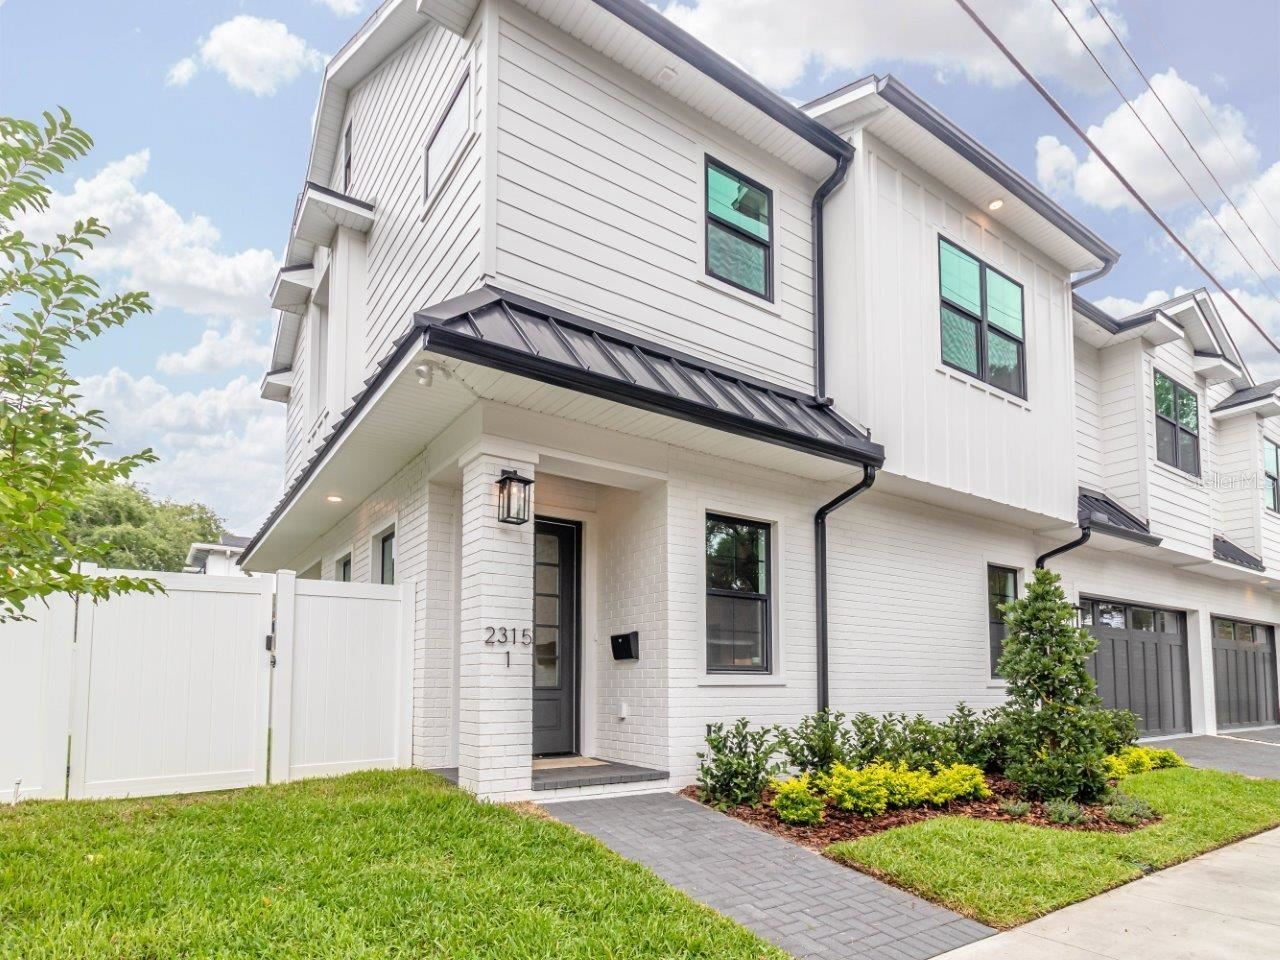 1318 S MOODY AVENUE #1, Tampa, FL 33629 - MLS#: T3249599